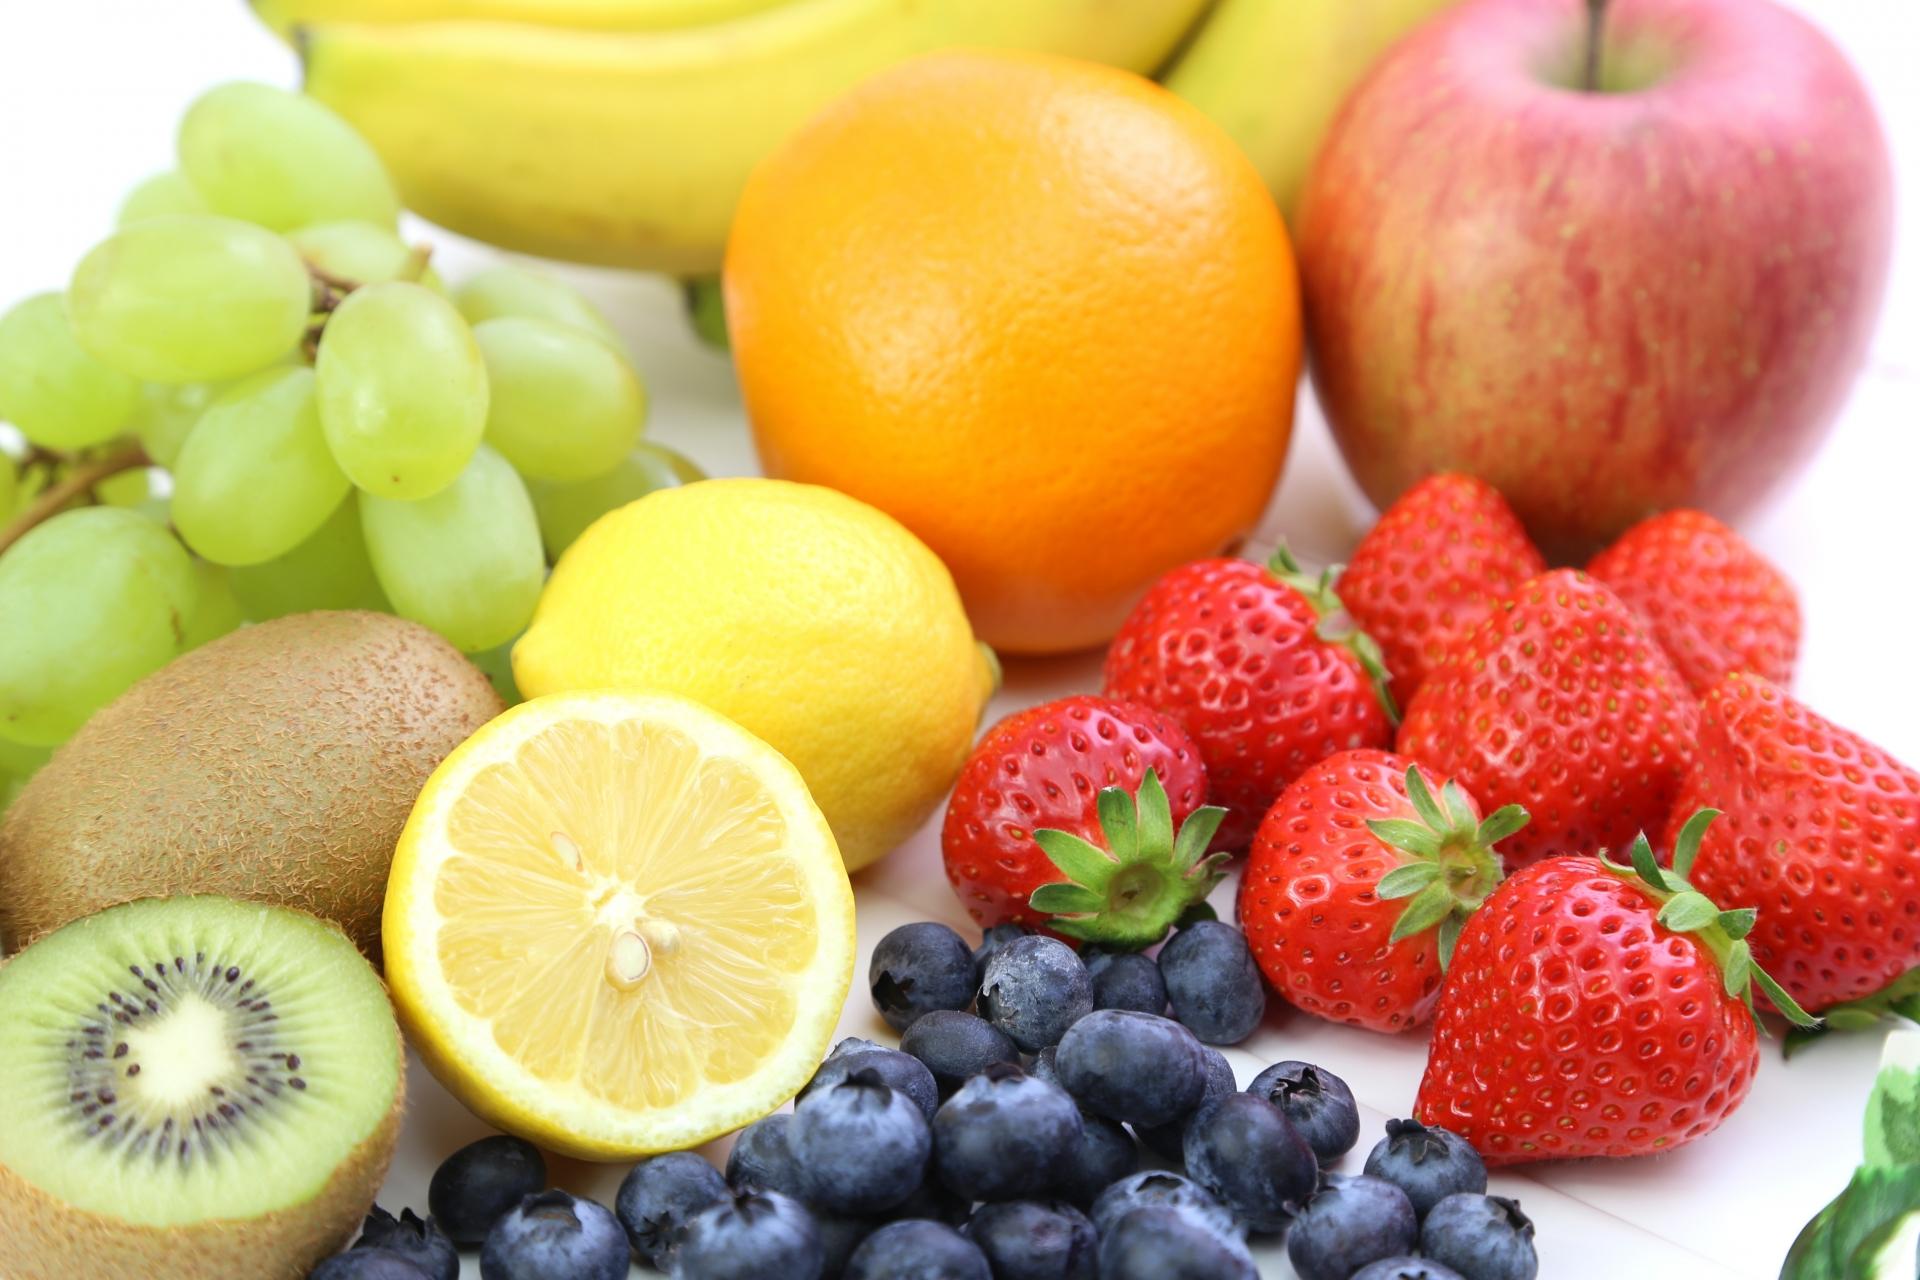 ビタミンCを多く含むレモン、キウイ、りんご